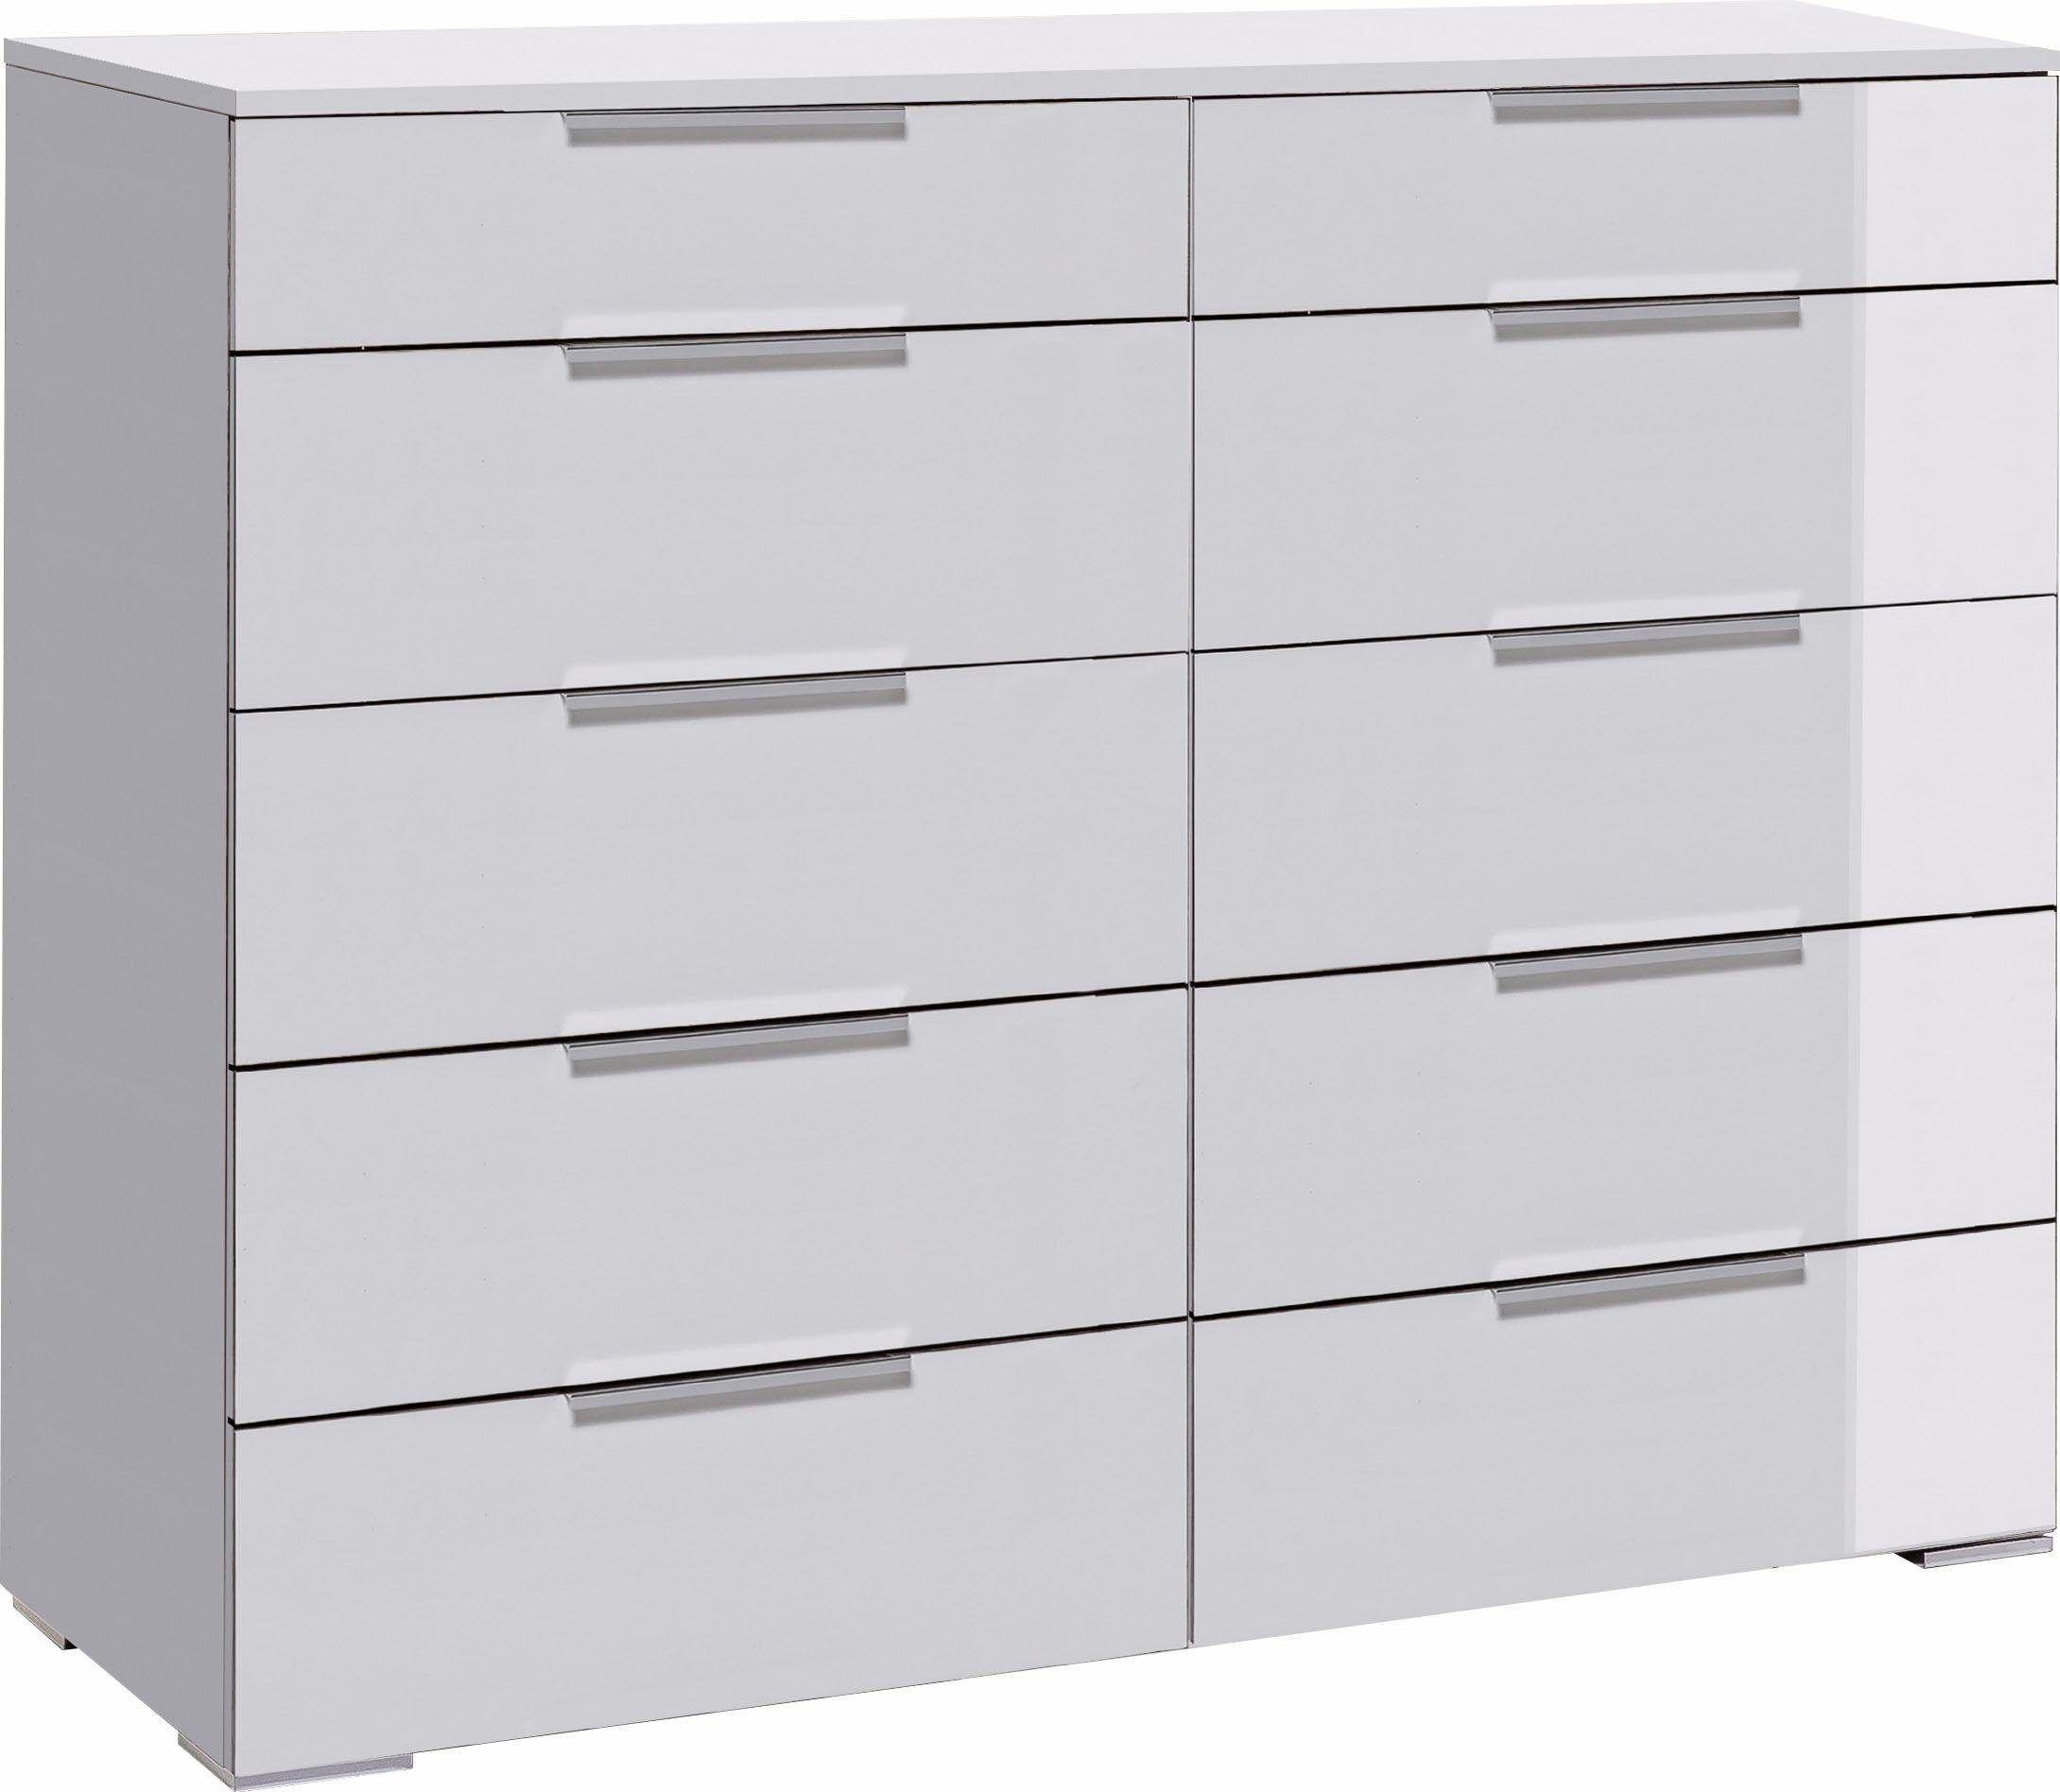 Pin By Ladendirekt On Schranke Decor Home Decor Dresser